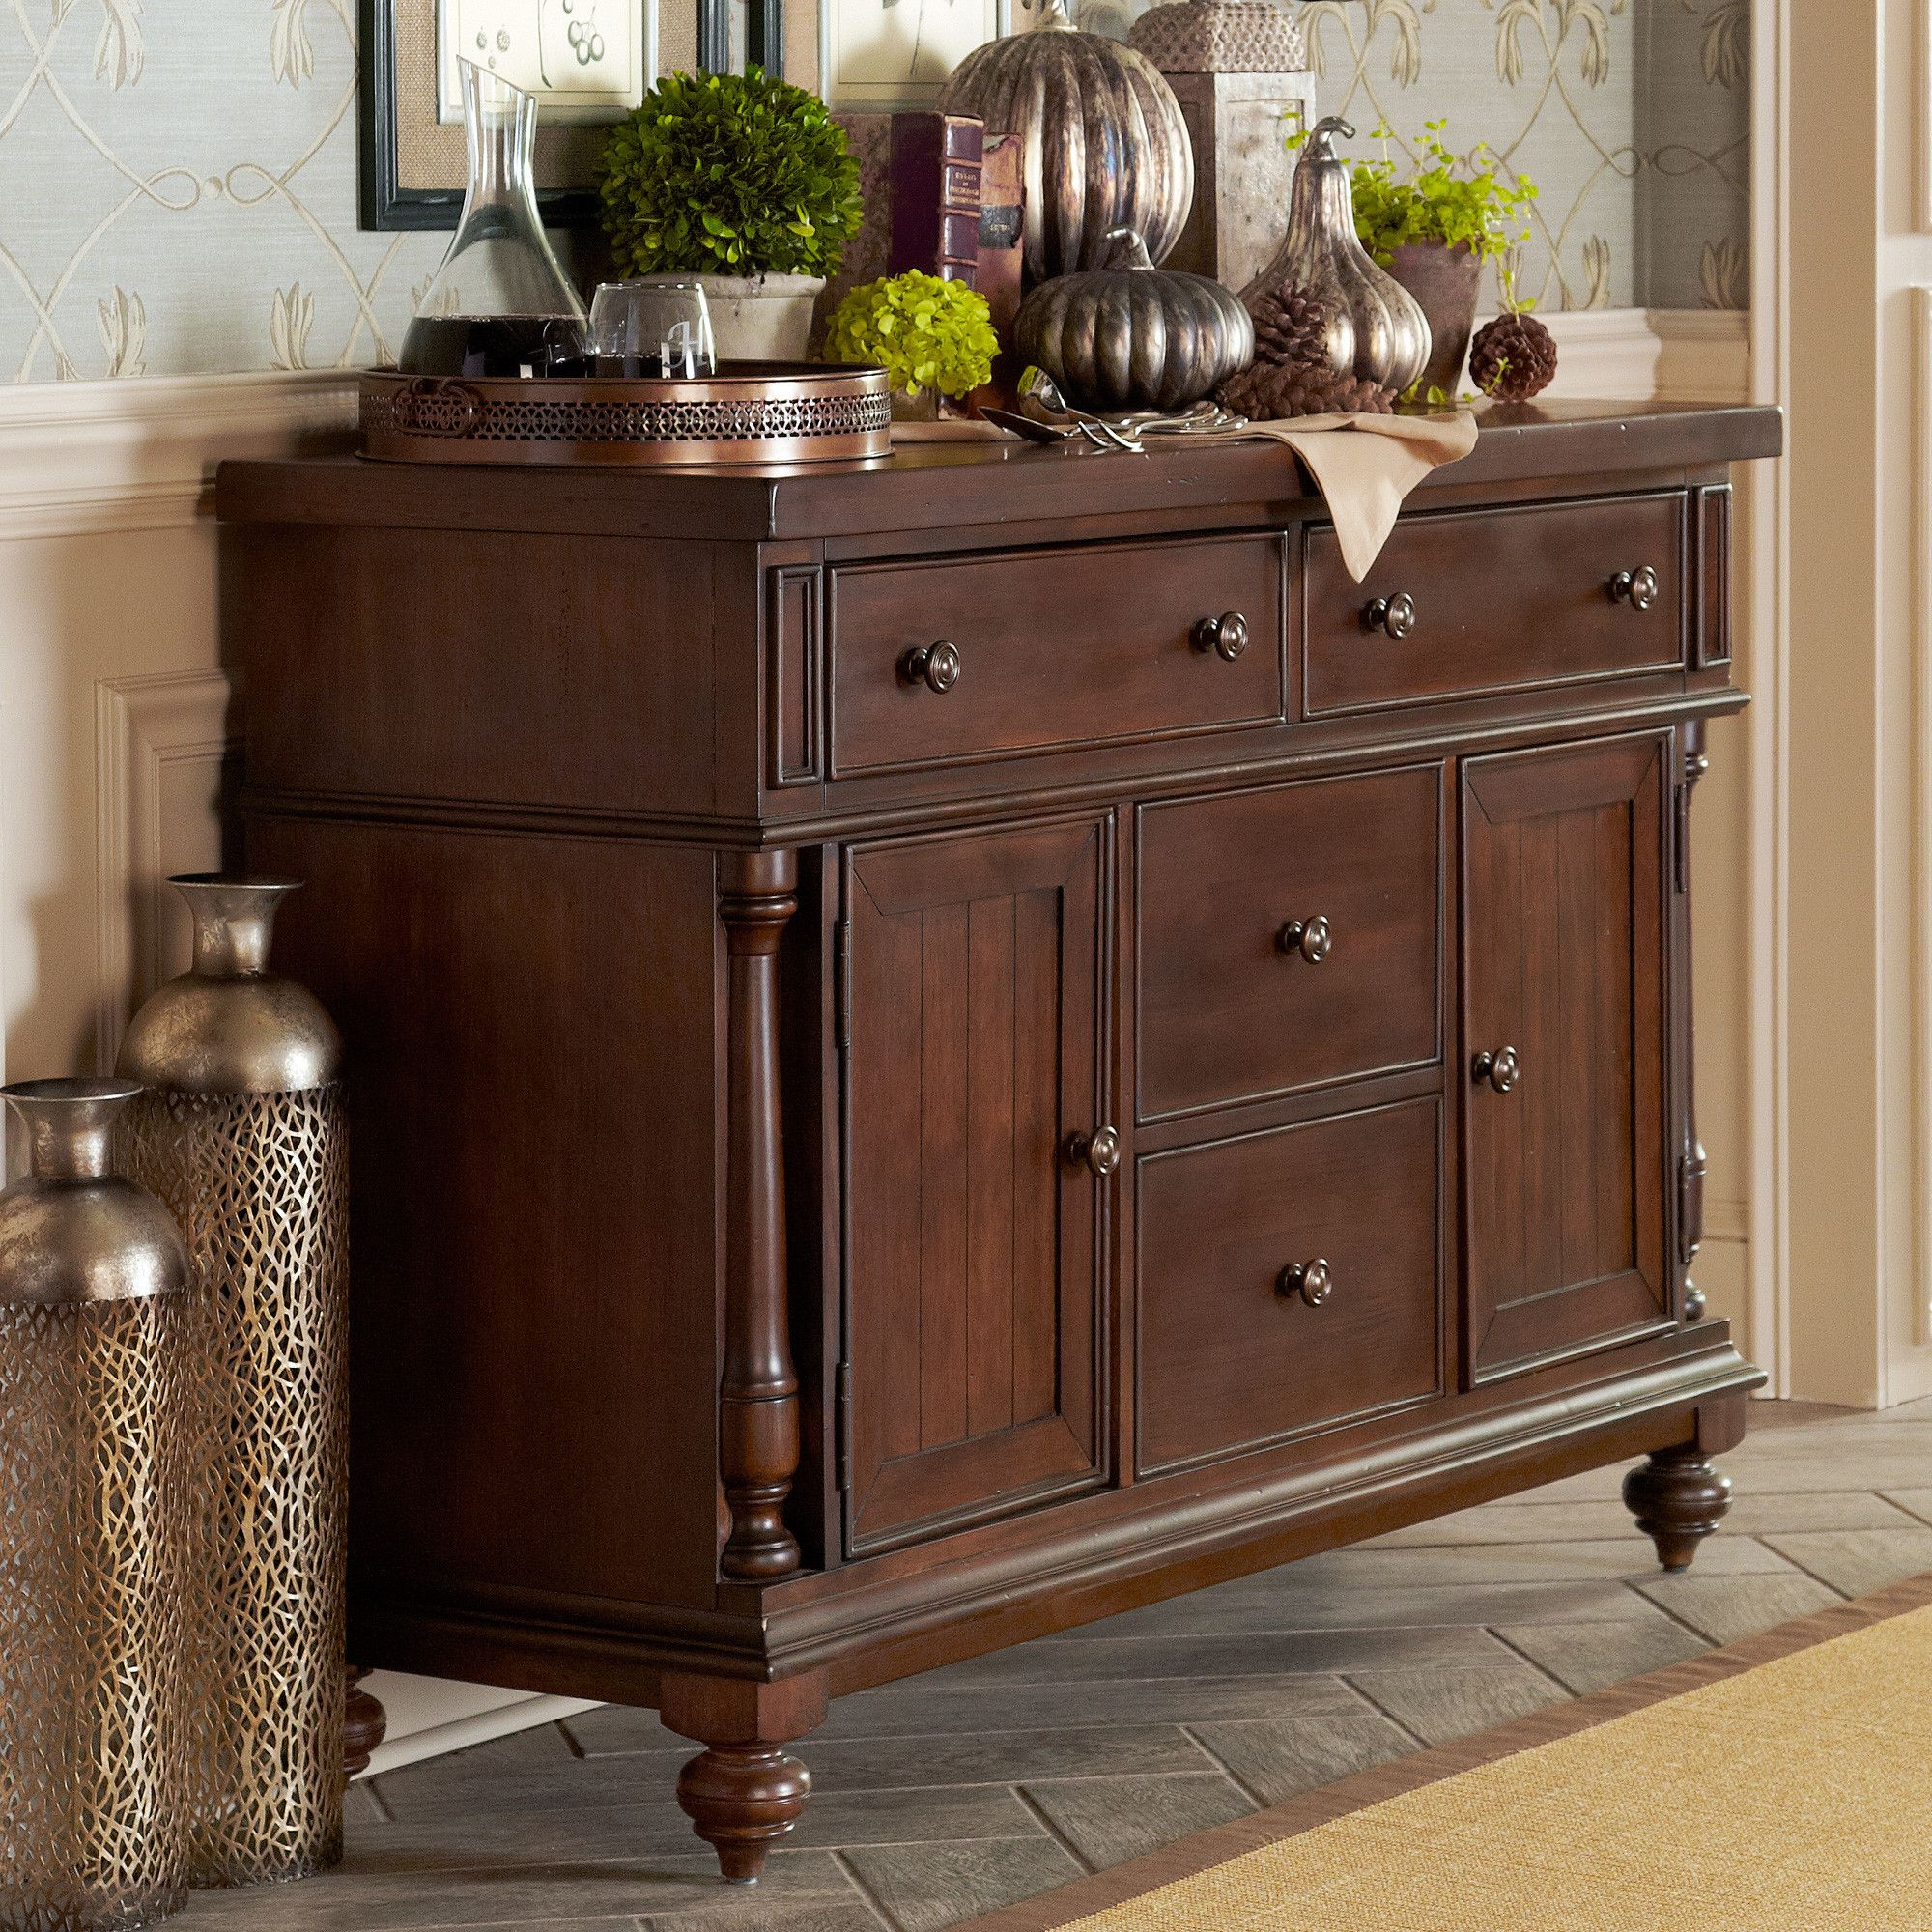 Fortville Server Home Decor Traditional Furniture